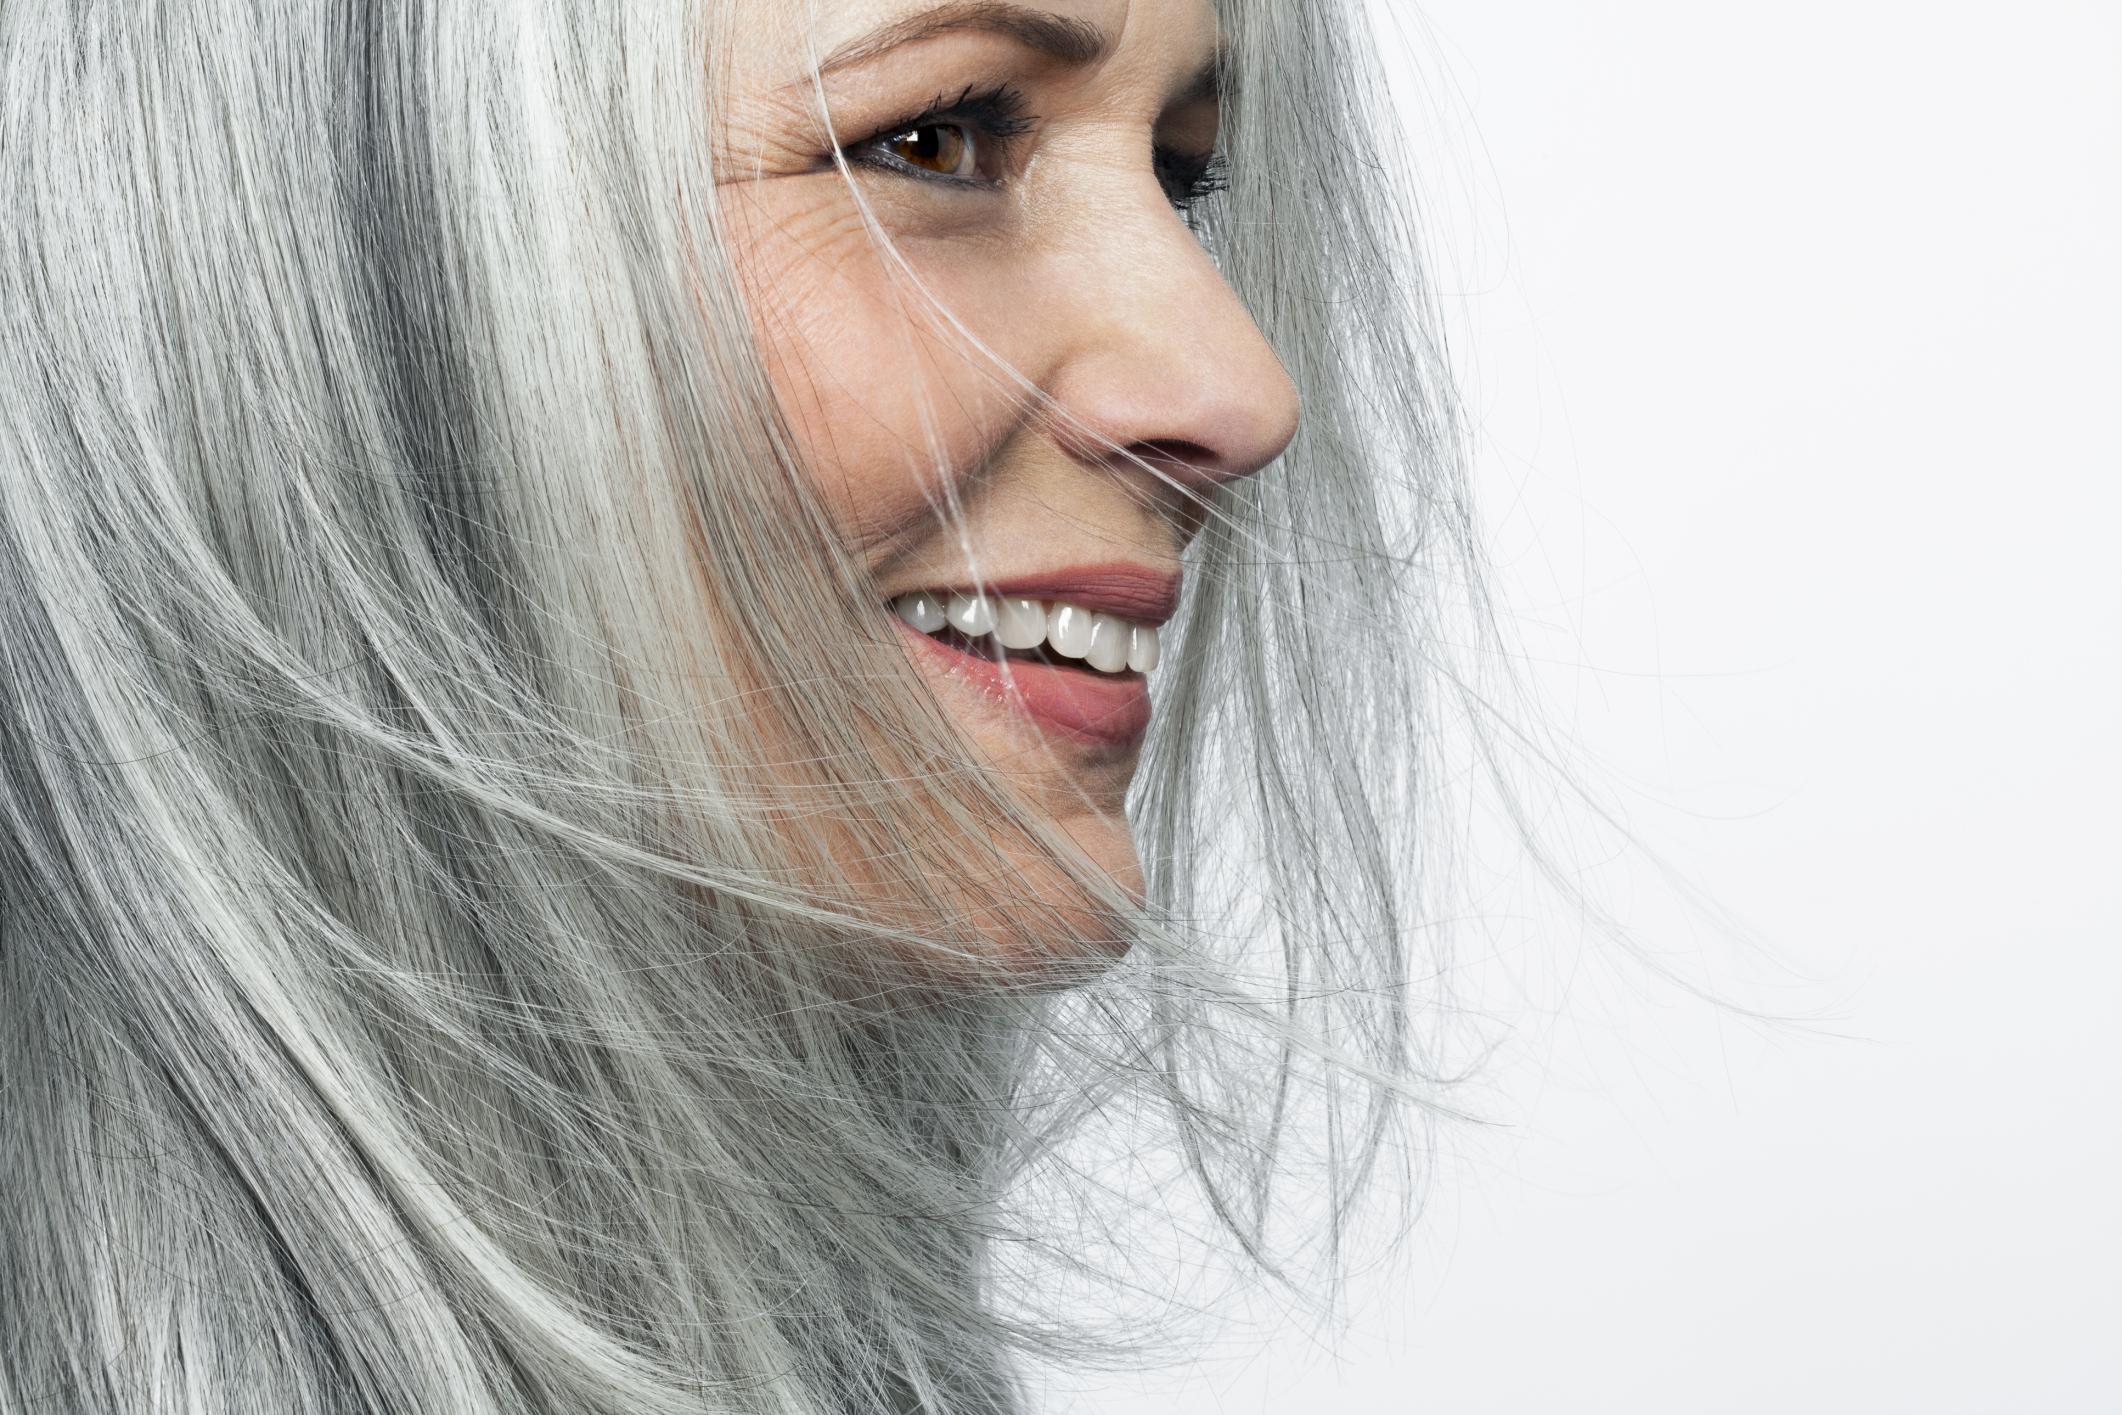 Capelli bianchi addio, scoperta la molecola e il farmaco per pigmentare il capello